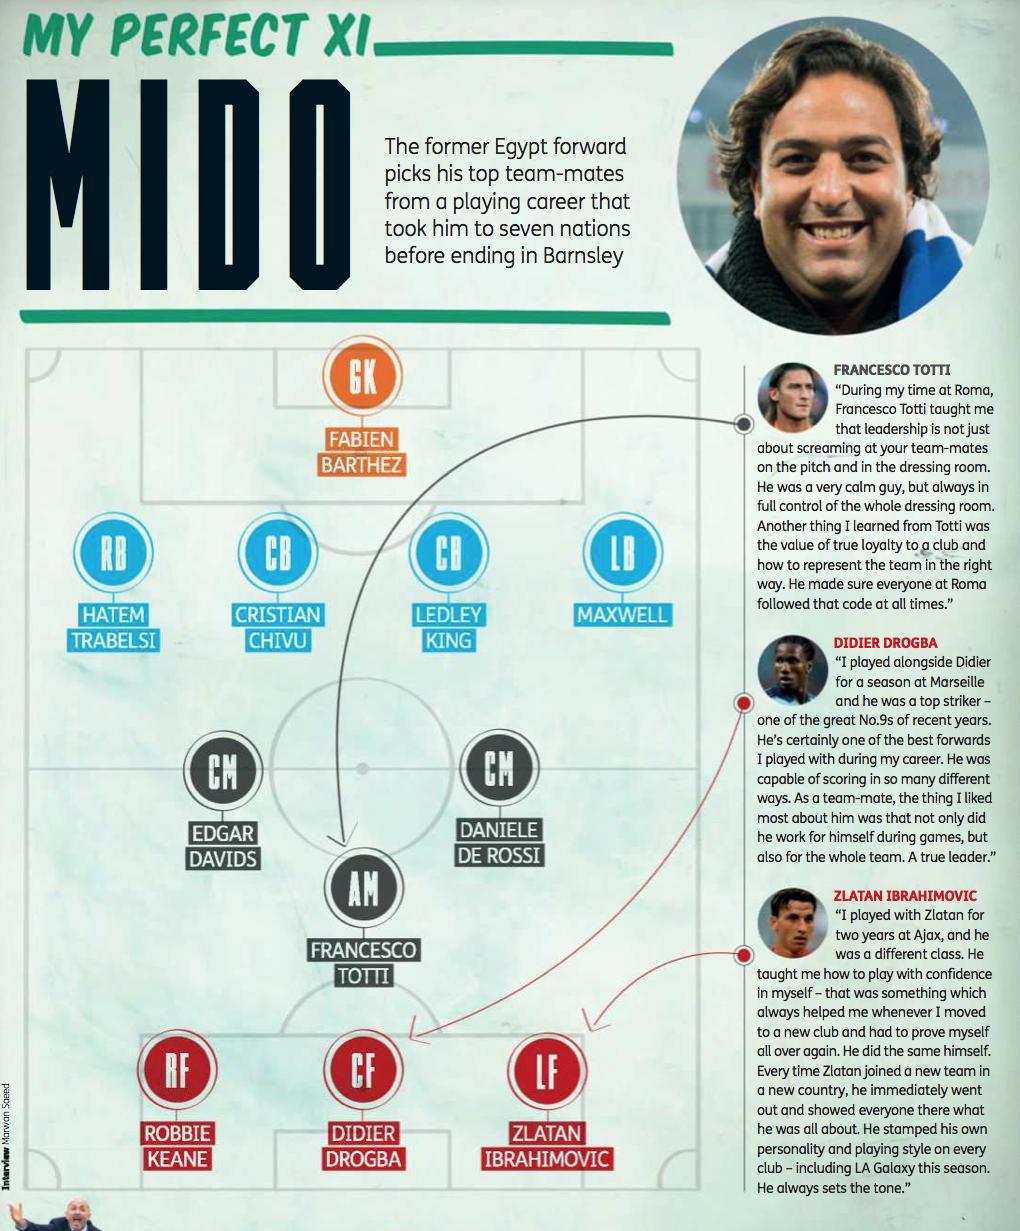 Символическая сборная Мидо: Бартез, Давидс, Тотти, Дрогба, Ибрагимович... - изображение 1